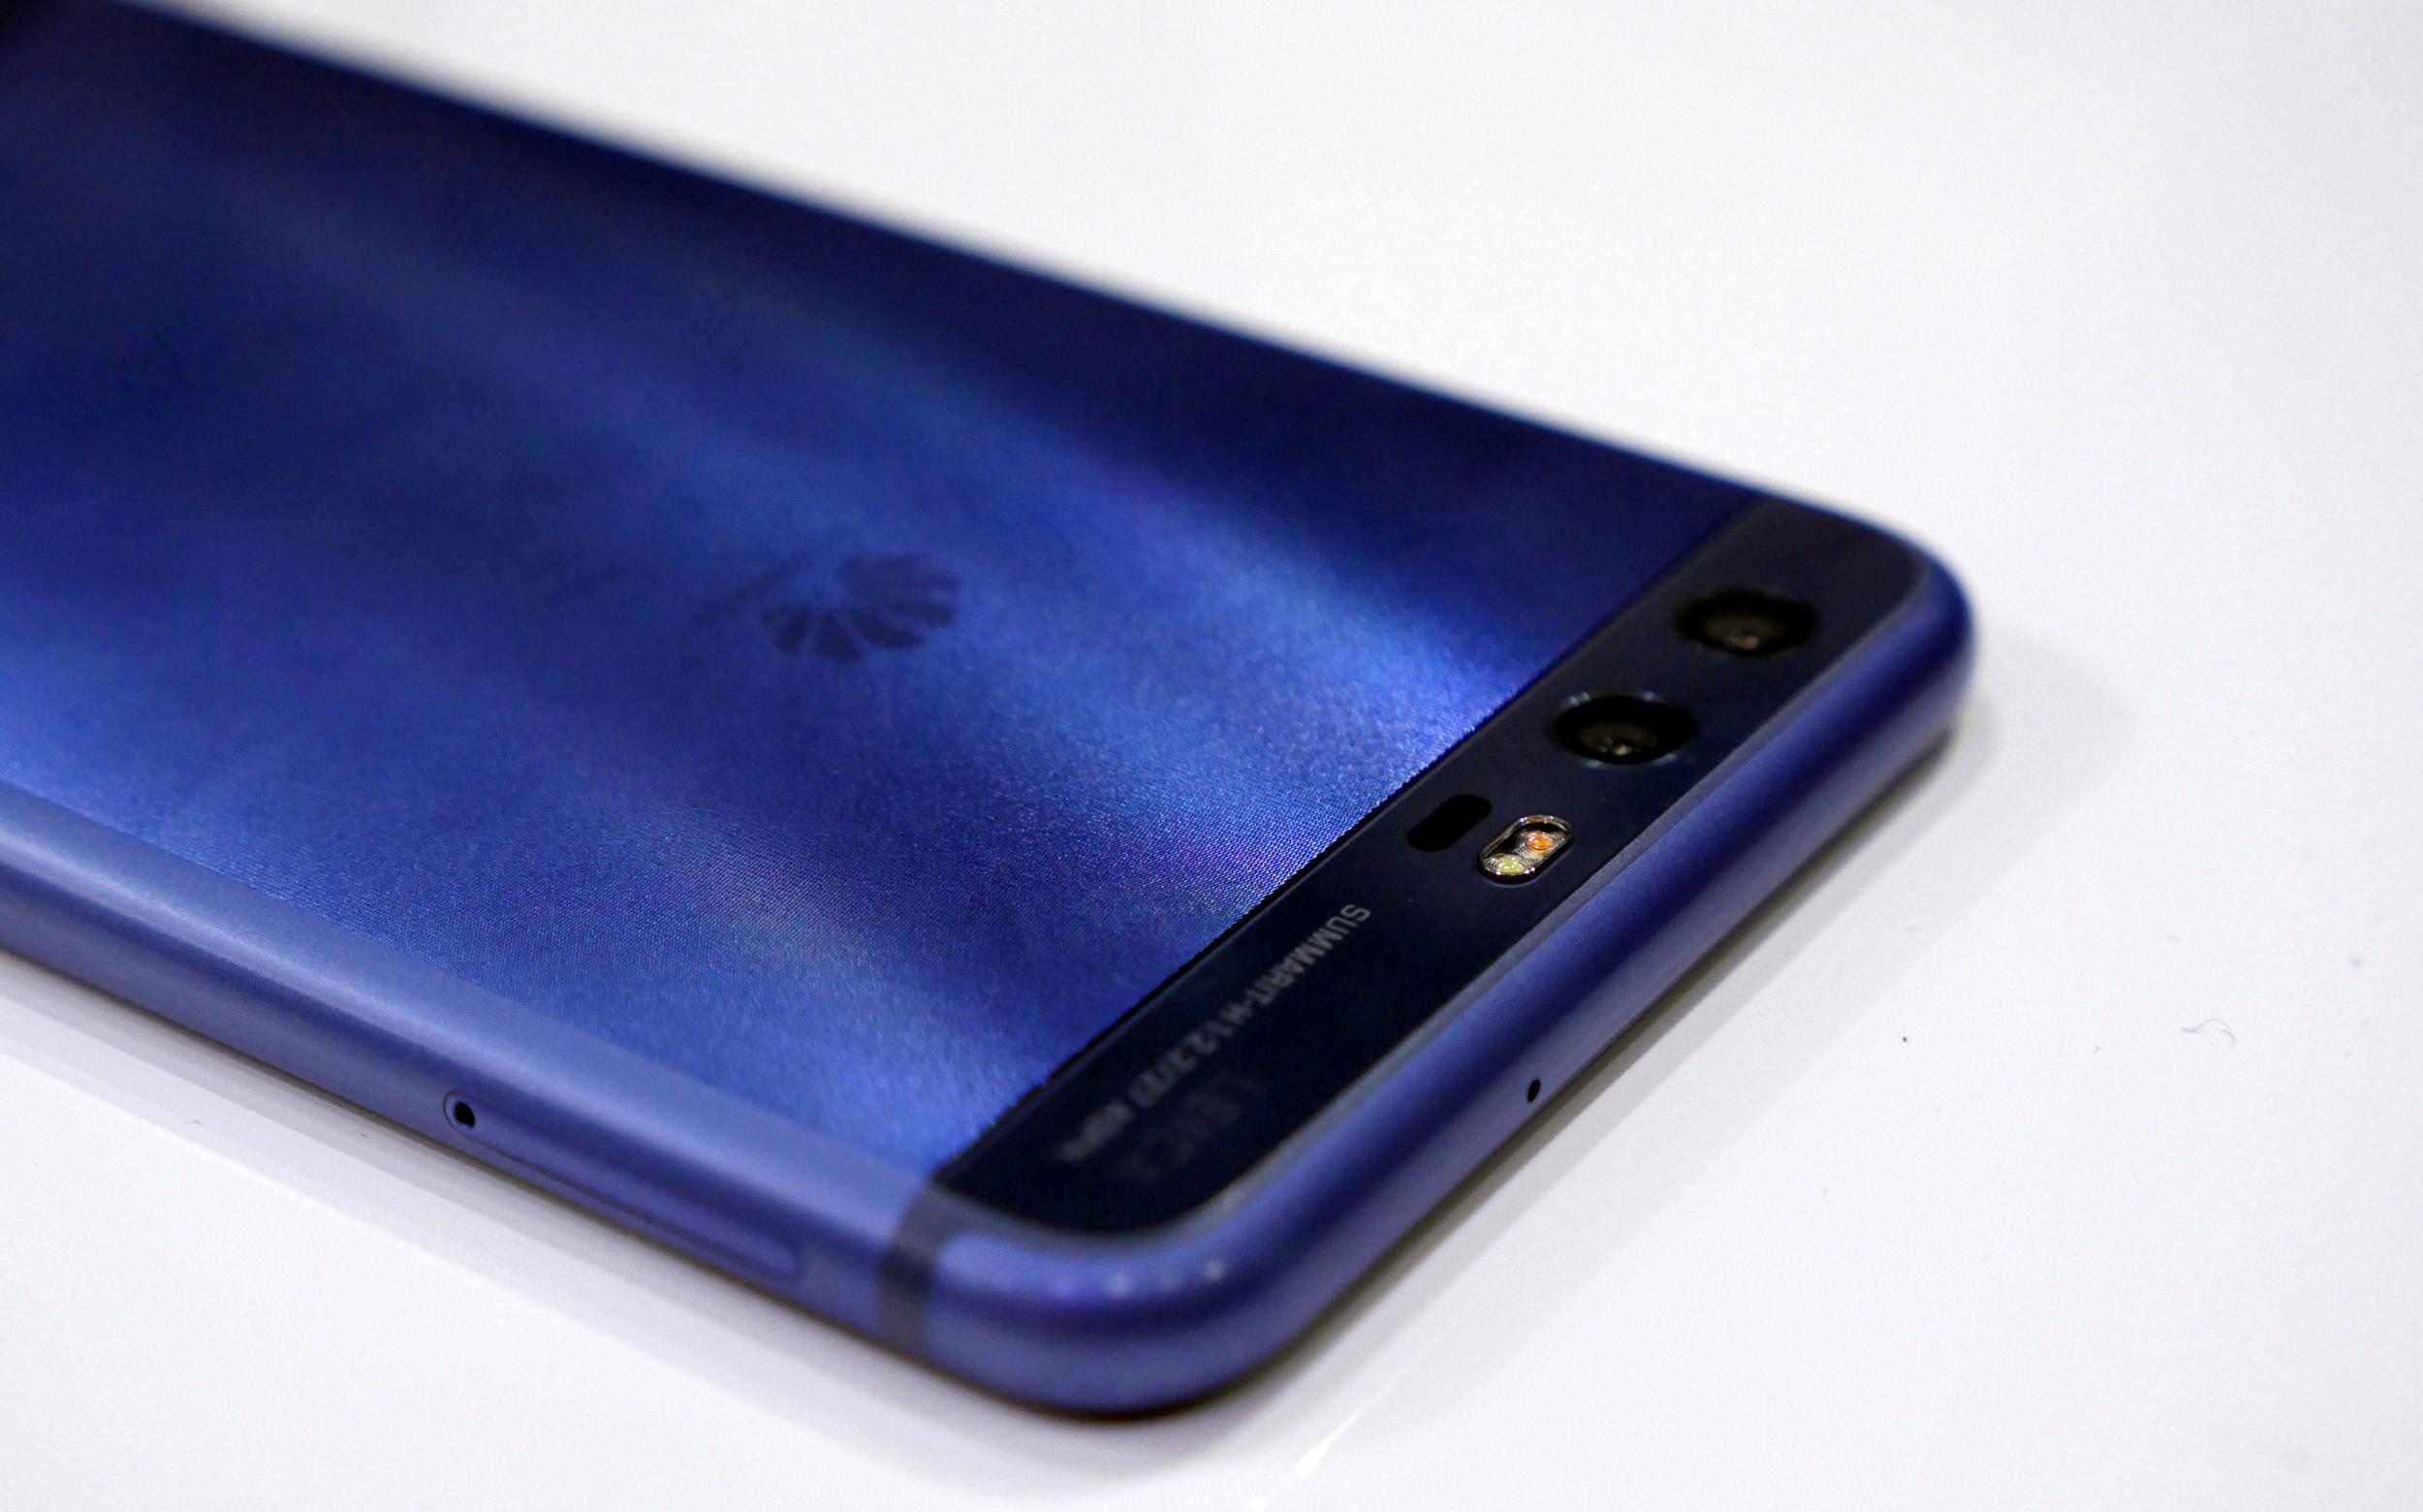 Huawei P10 inserire memoria MicroSD - Allmobileworld.it